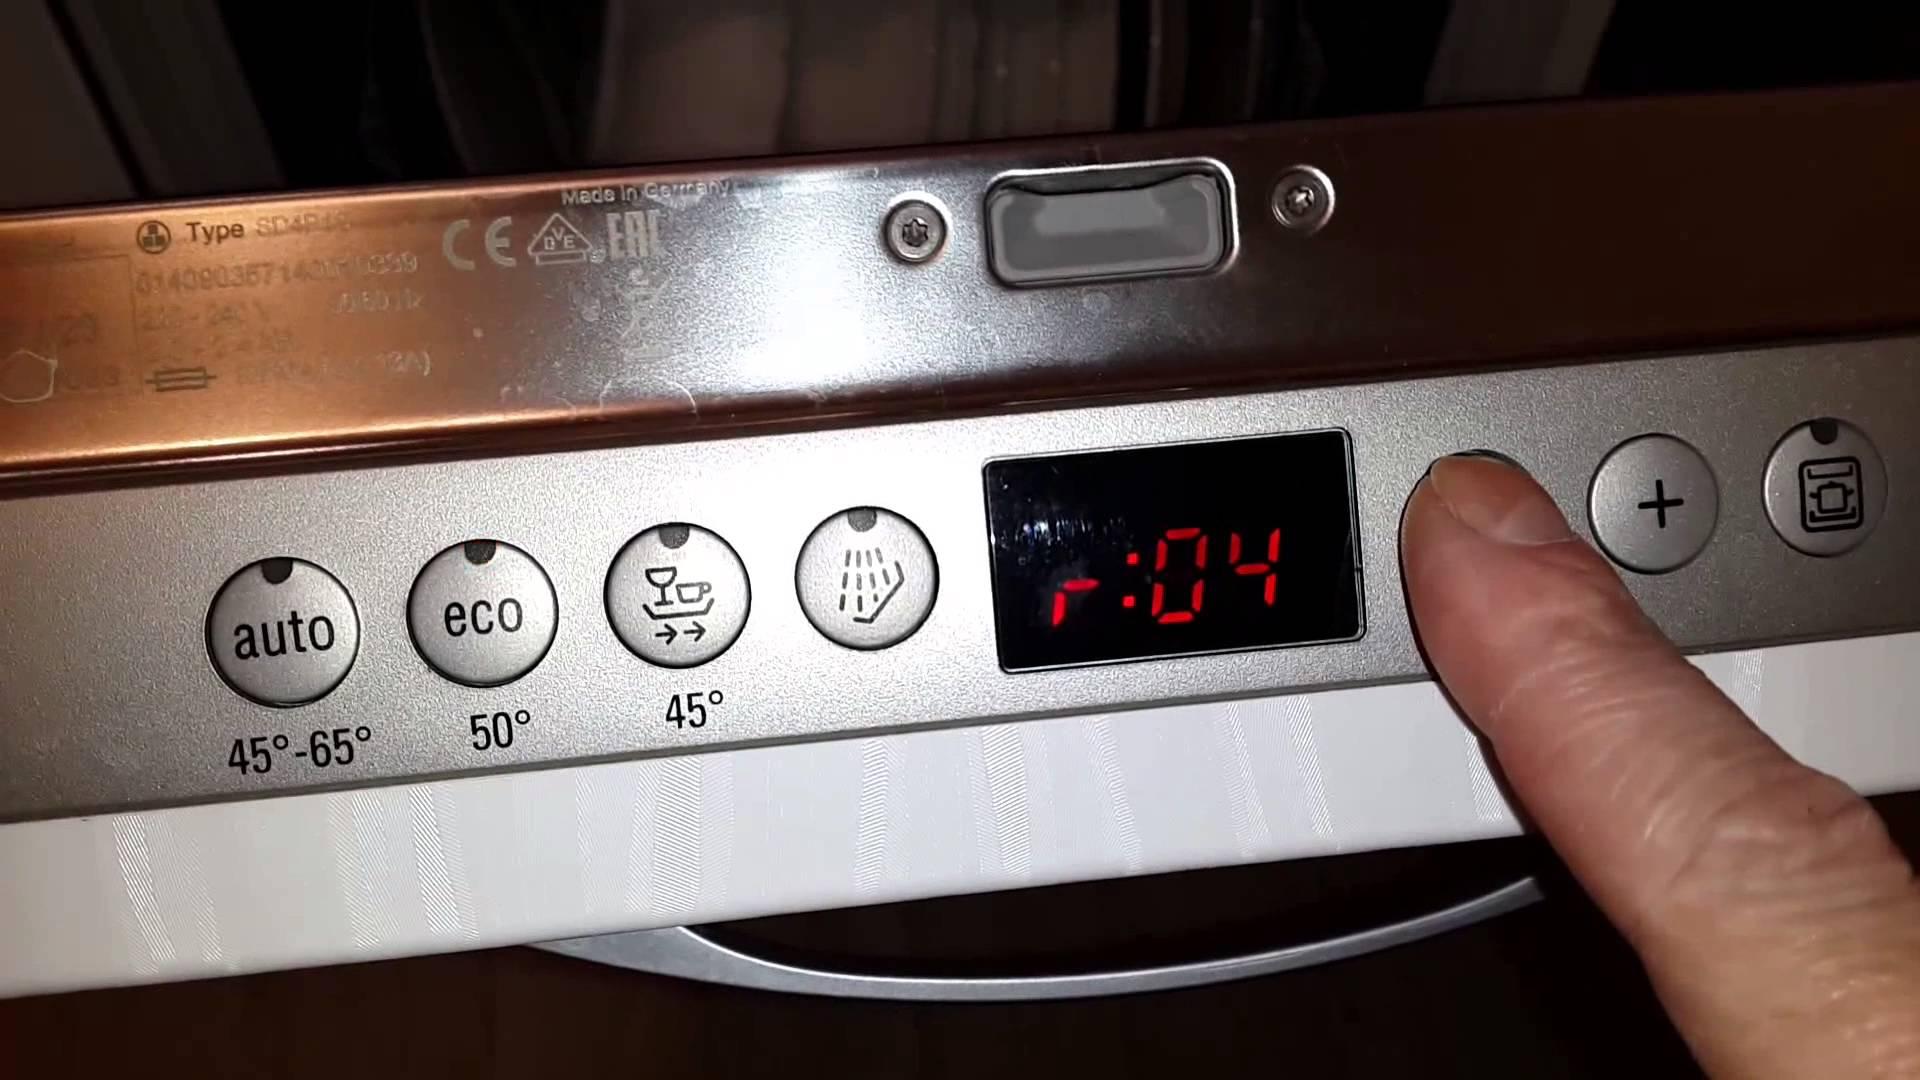 Ремонт своими руками посудомоечных машин сименс на дому нужен ли сро на обслуживание кондиционеров